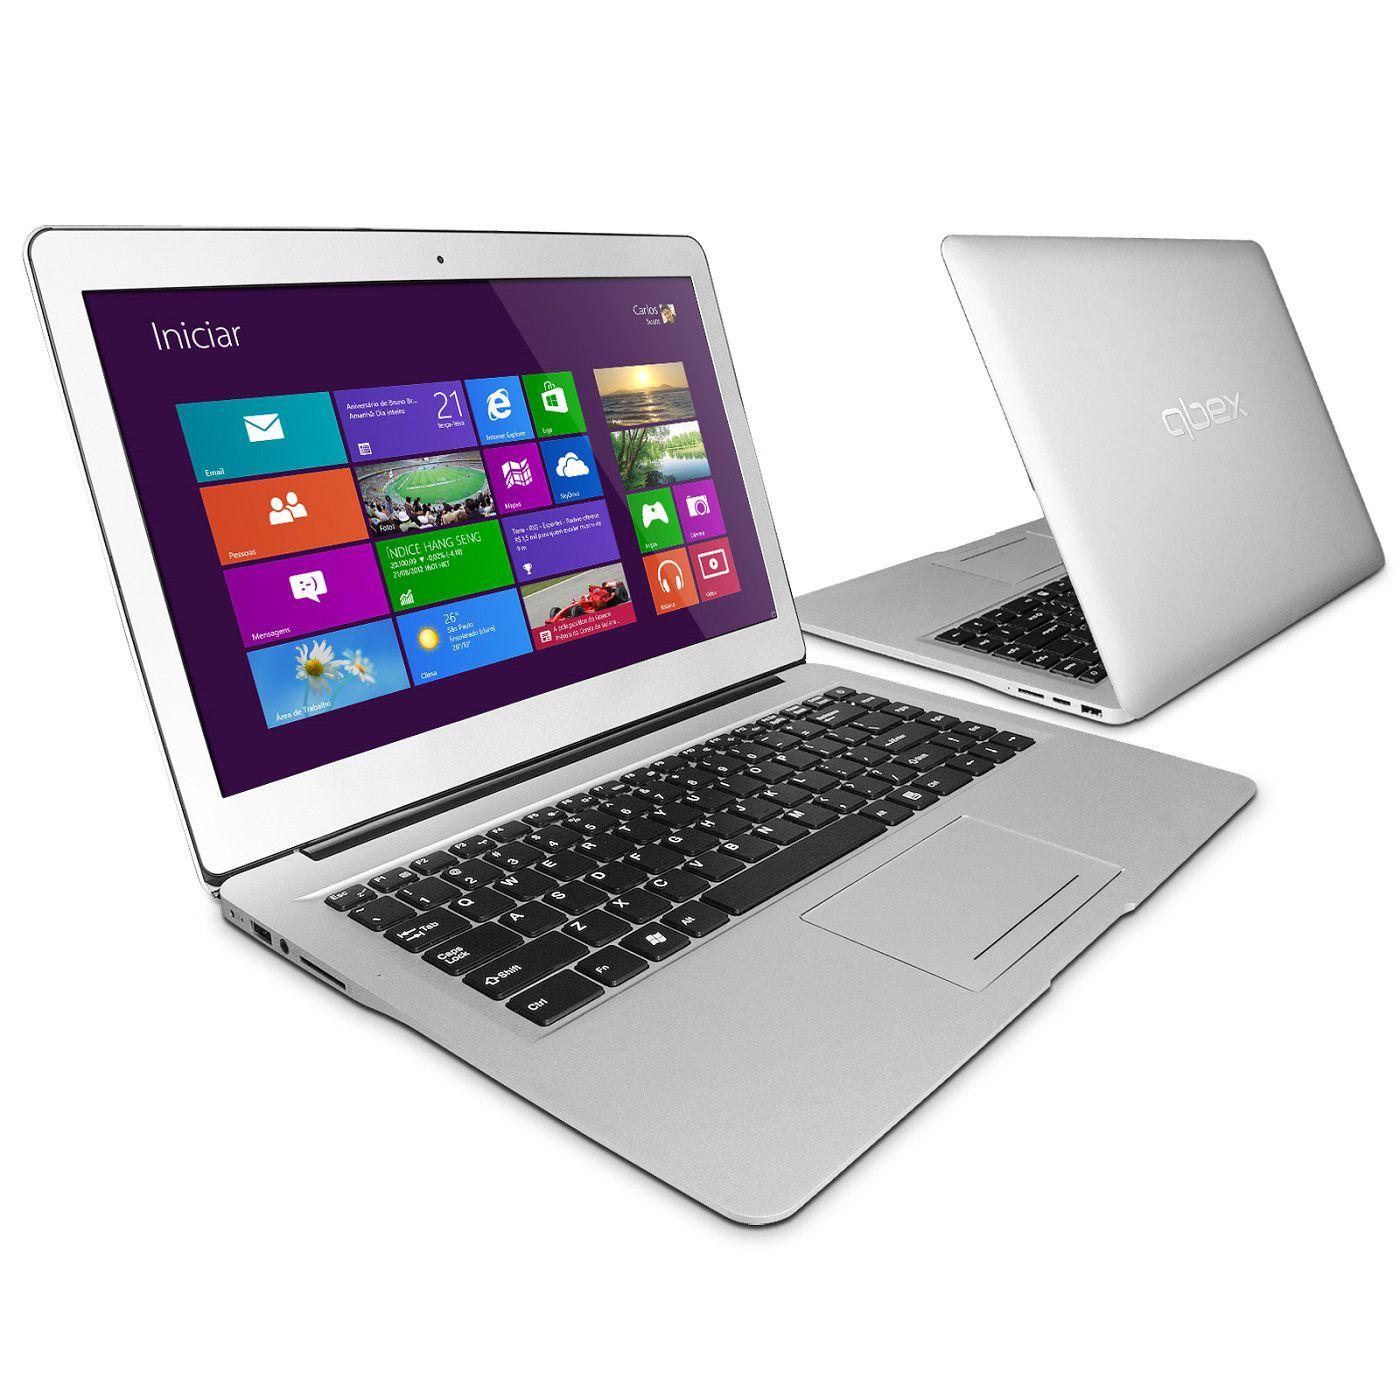 Ultrabook Qbex UX400 Core I5 4Gb HD 500GB 14' Windows 8